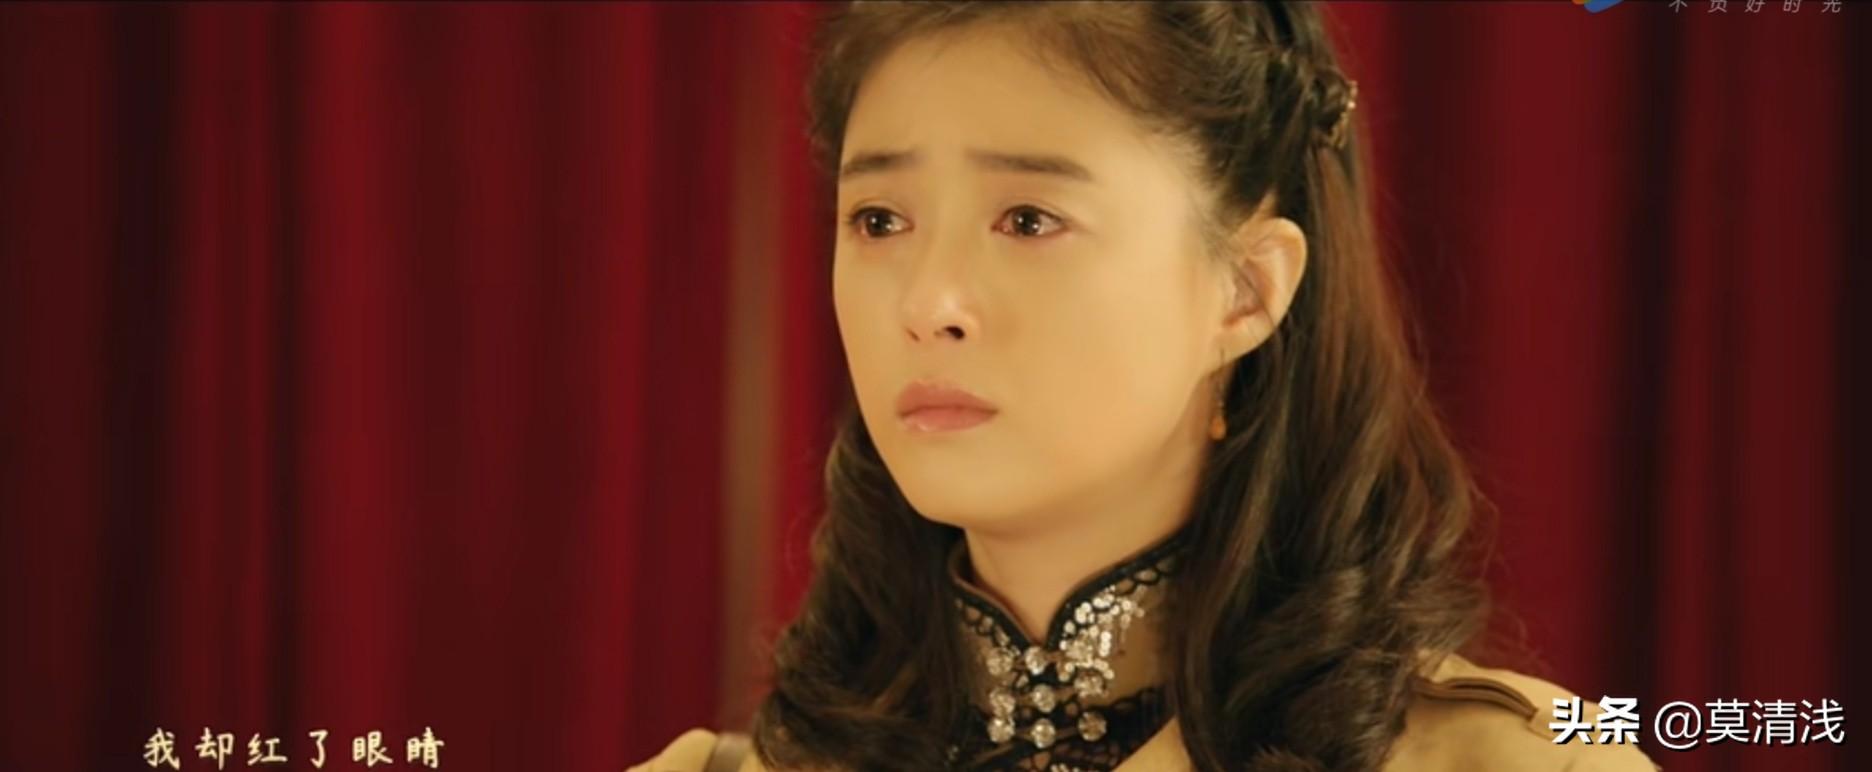 《情深缘起》:刘嘉玲和蒋欣同台飙戏,谁家更强?咱拭目以待。